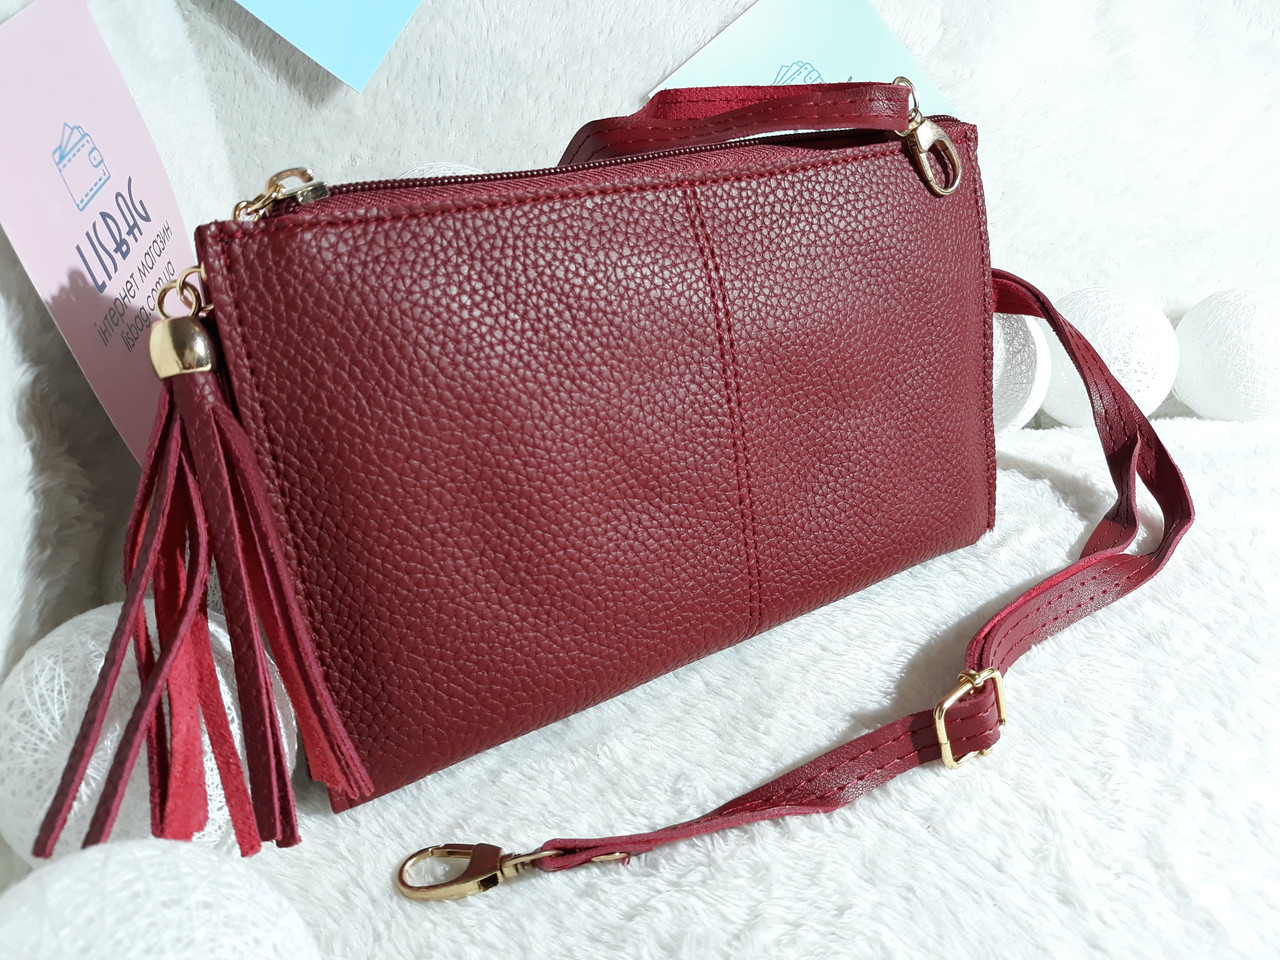 94fb898491d8 Маленькая женская сумка 2в1 (клатч,сумка) бордовая, цена 205 грн., купить в  Умани — Prom.ua (ID#615474253)